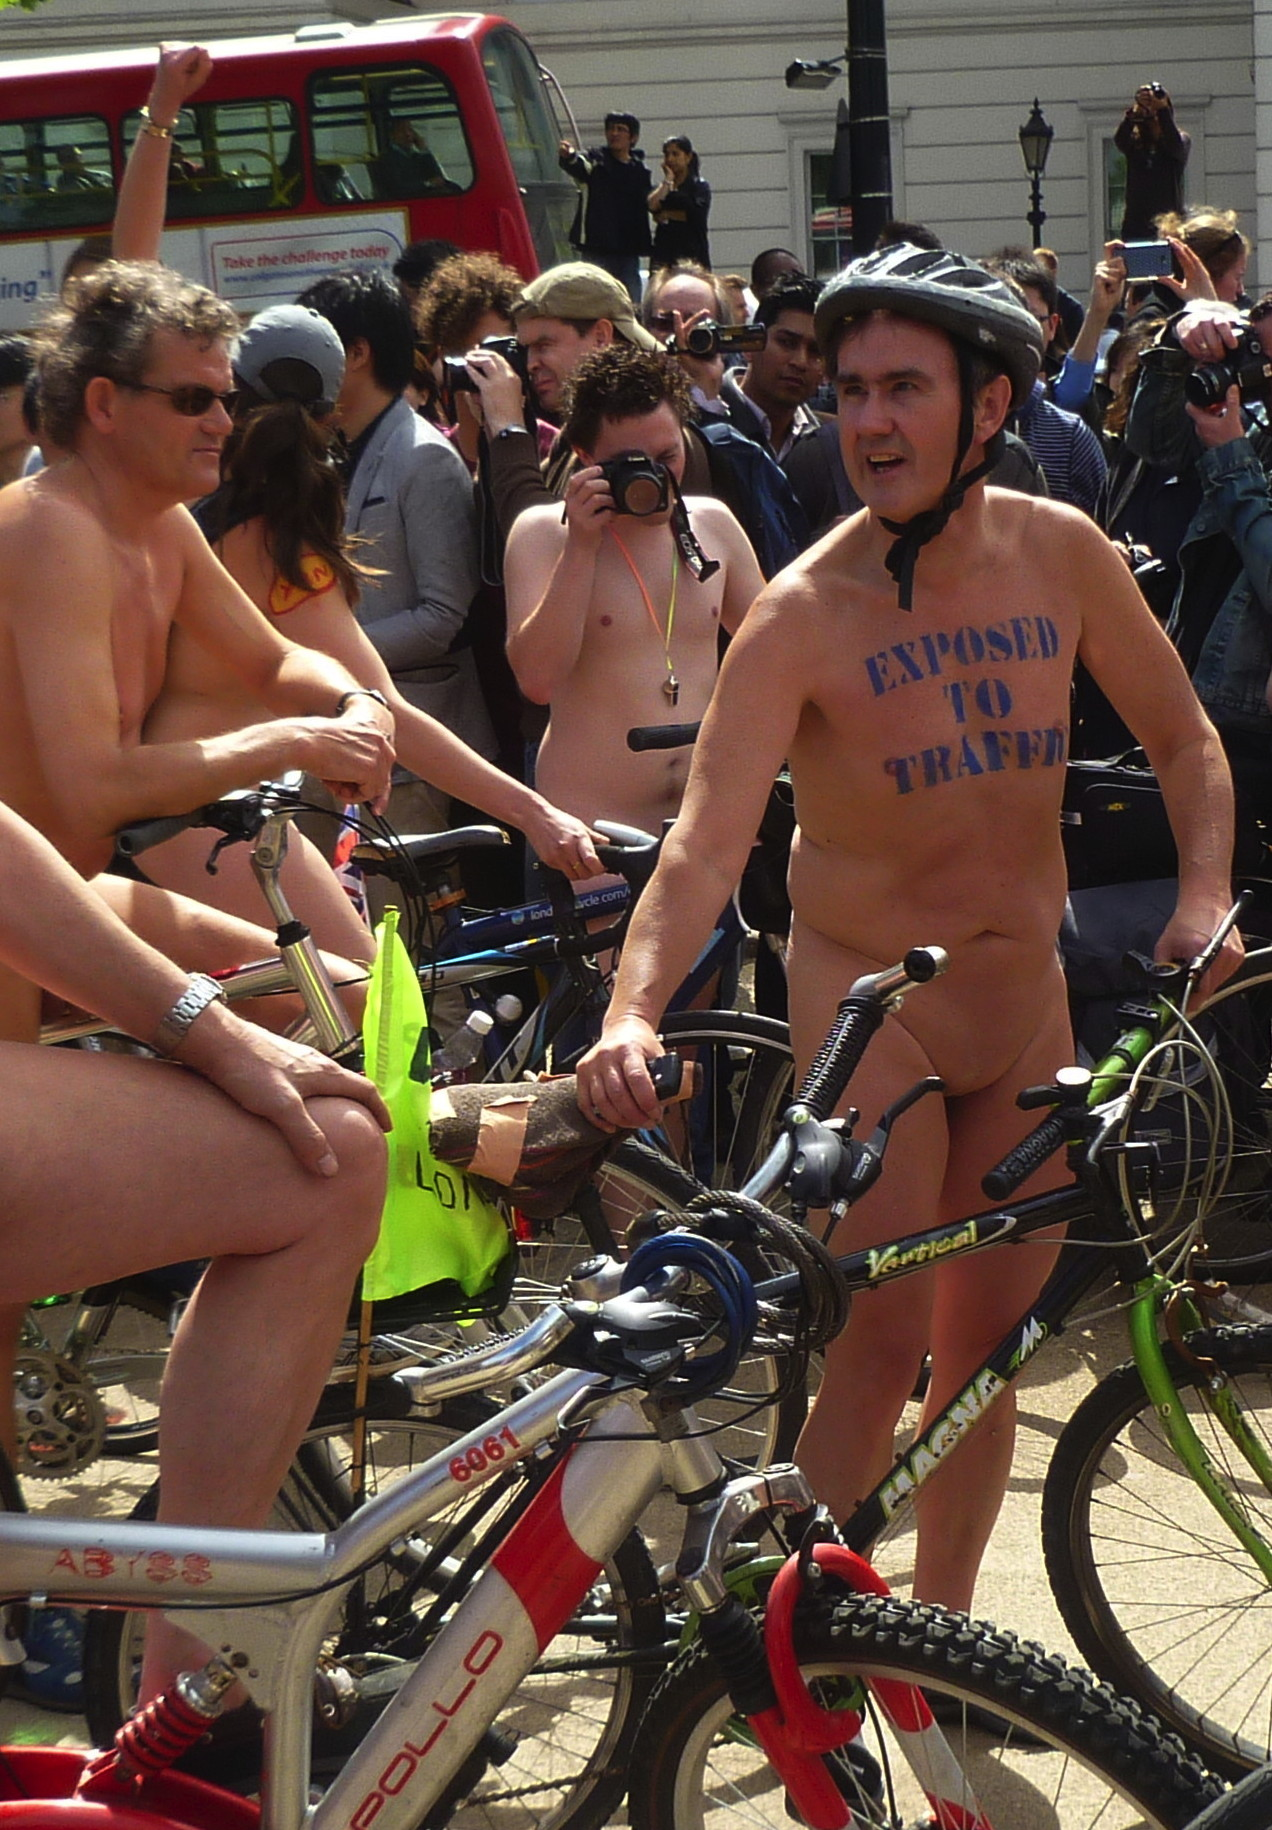 german-naked-bike-ride-men-bending